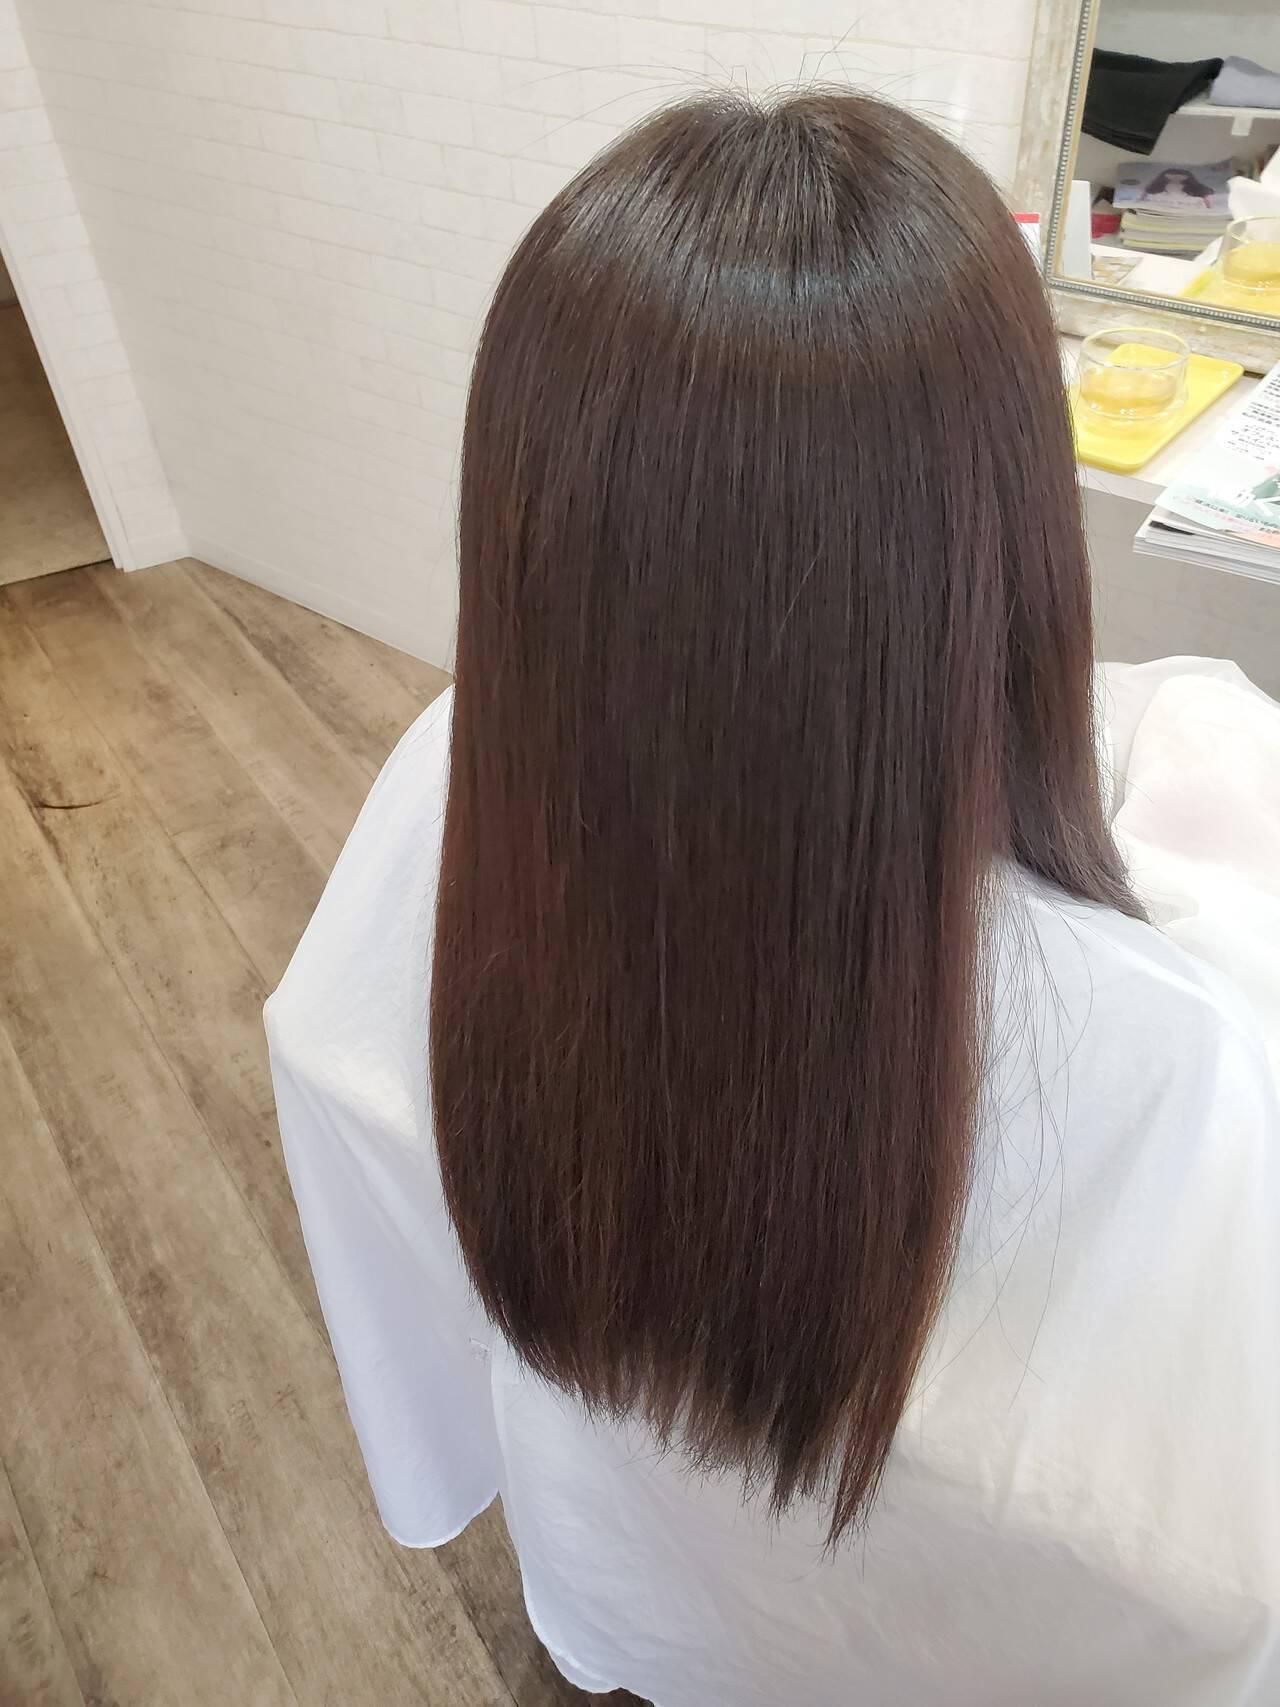 ロング 縮毛矯正ストカール ストカール 縮毛矯正ヘアスタイルや髪型の写真・画像